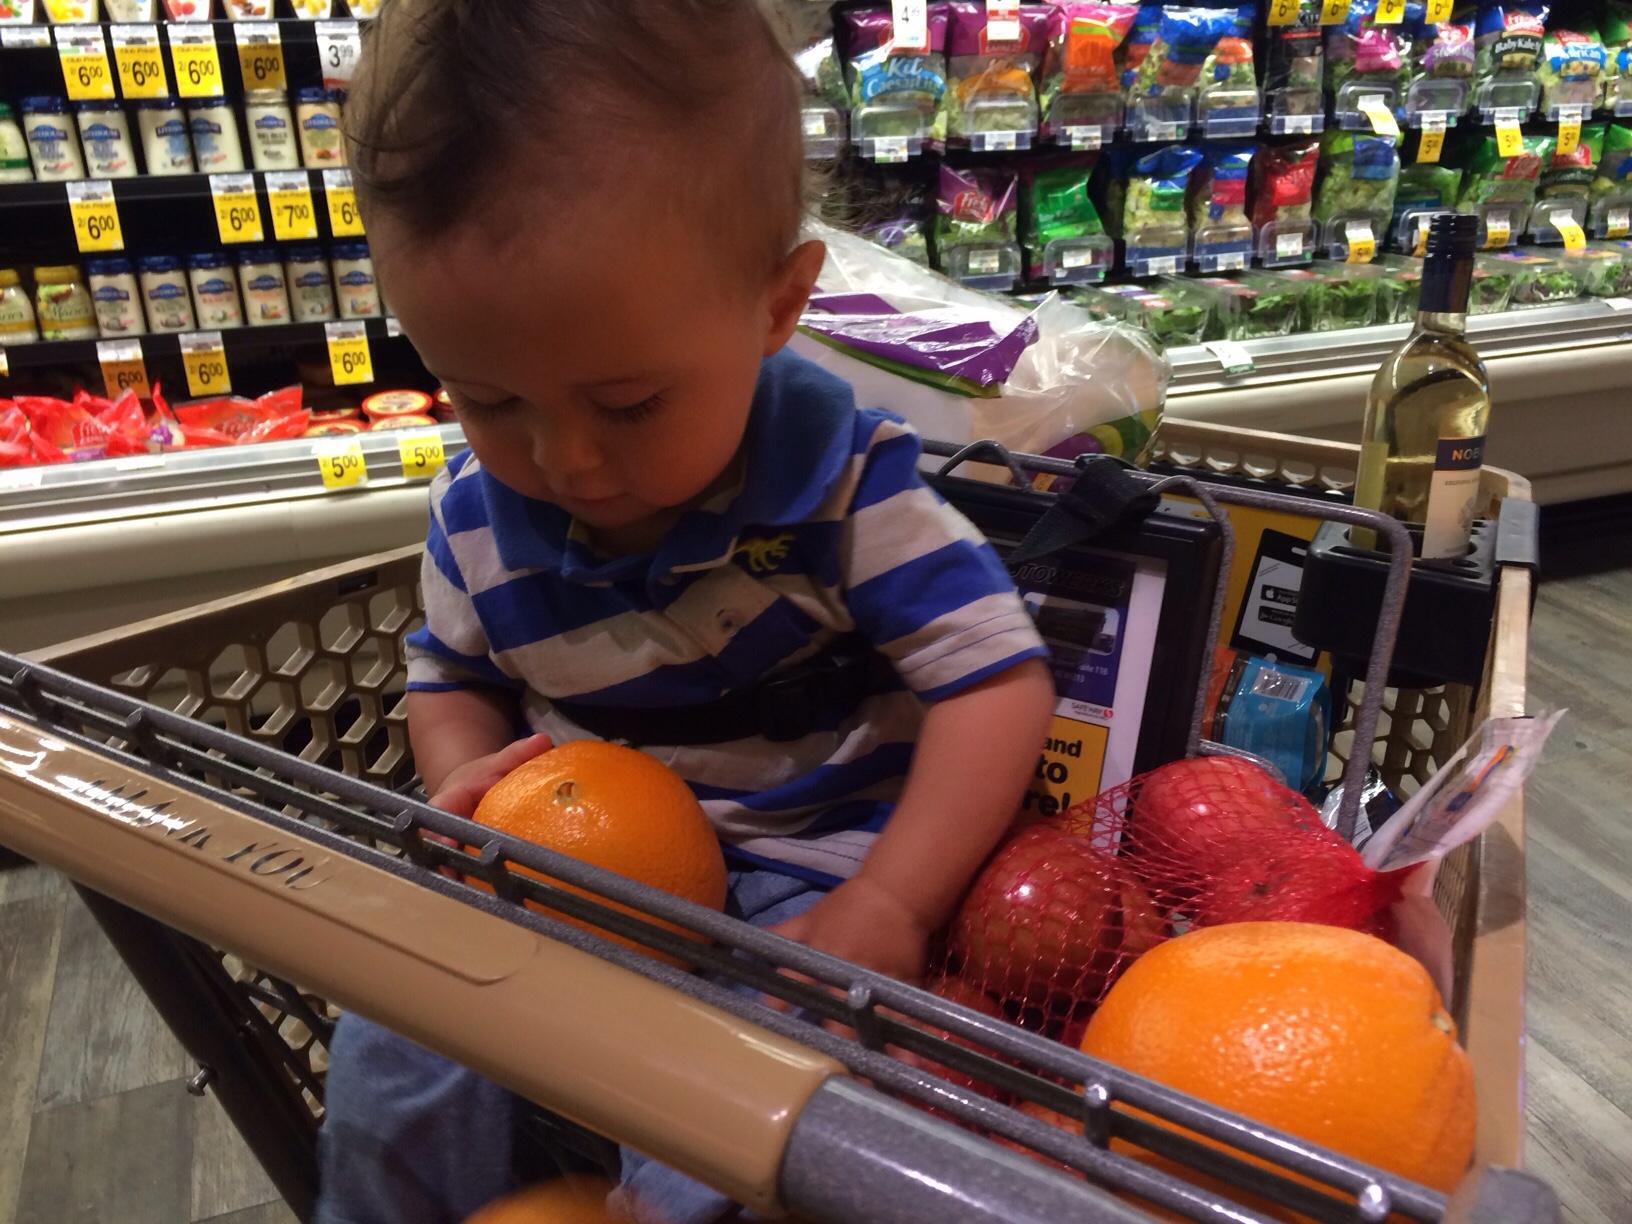 Baby boy o holding oranges